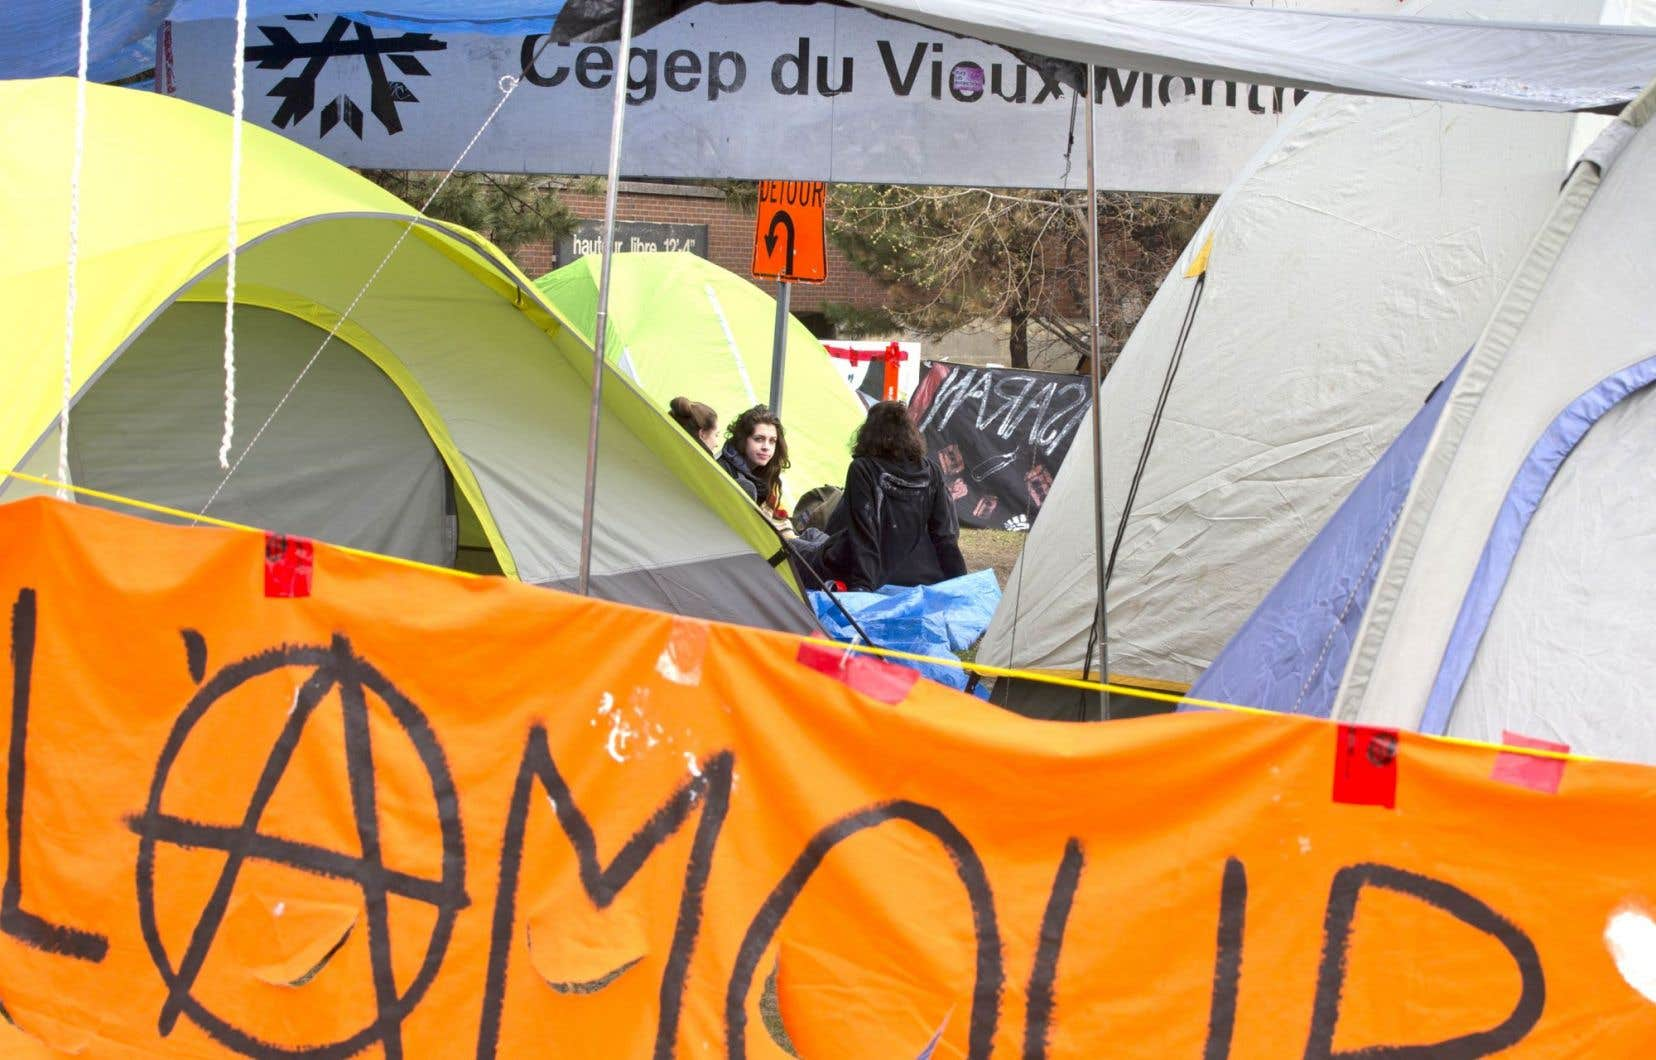 Des étudiants du cégep du Vieux-Montréal ont commencé à monter une dizaine de tentes devant l'établissement, mardi matin, pour protester contre les mesures d'austérité du gouvernement Couillard.